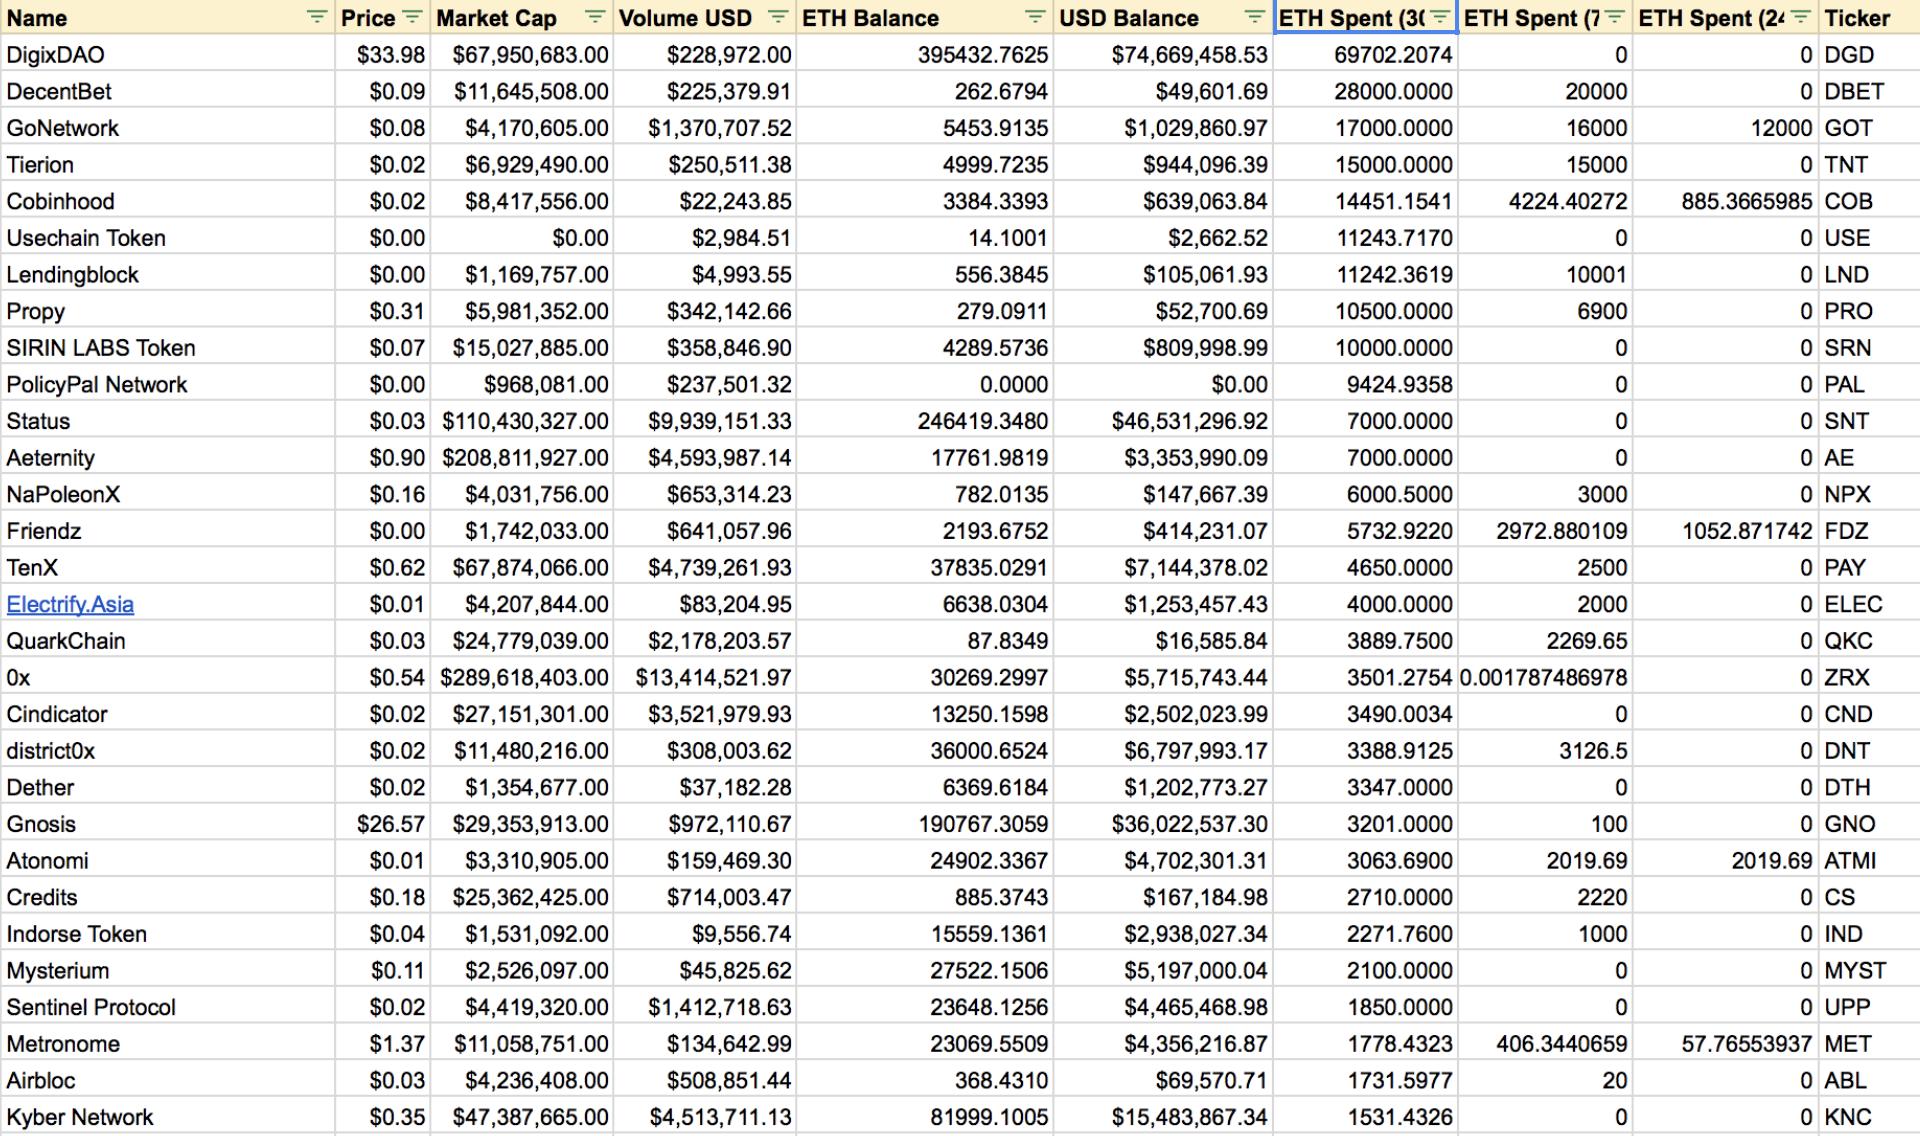 Исследование: за последние 30 дней ICO-проекты продали почти 300 000 монет Ethereum